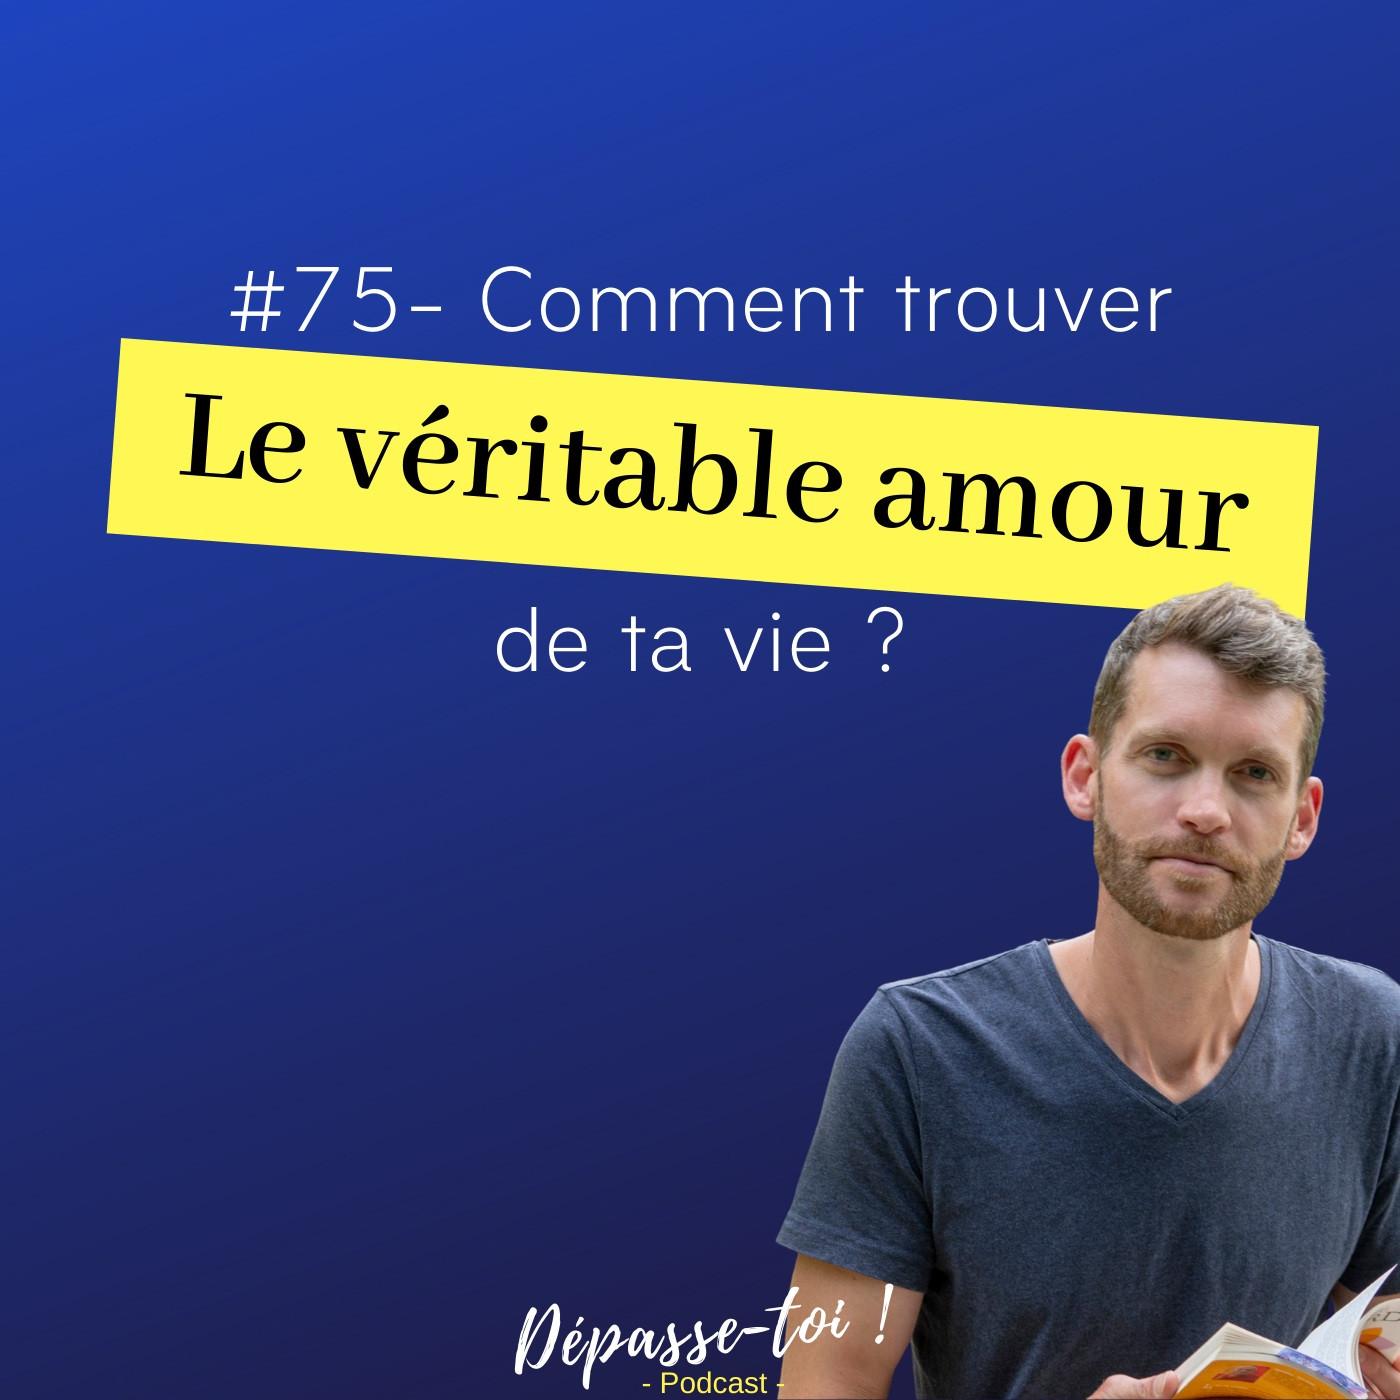 #75 - Comment trouver le véritable amour de ta vie ?